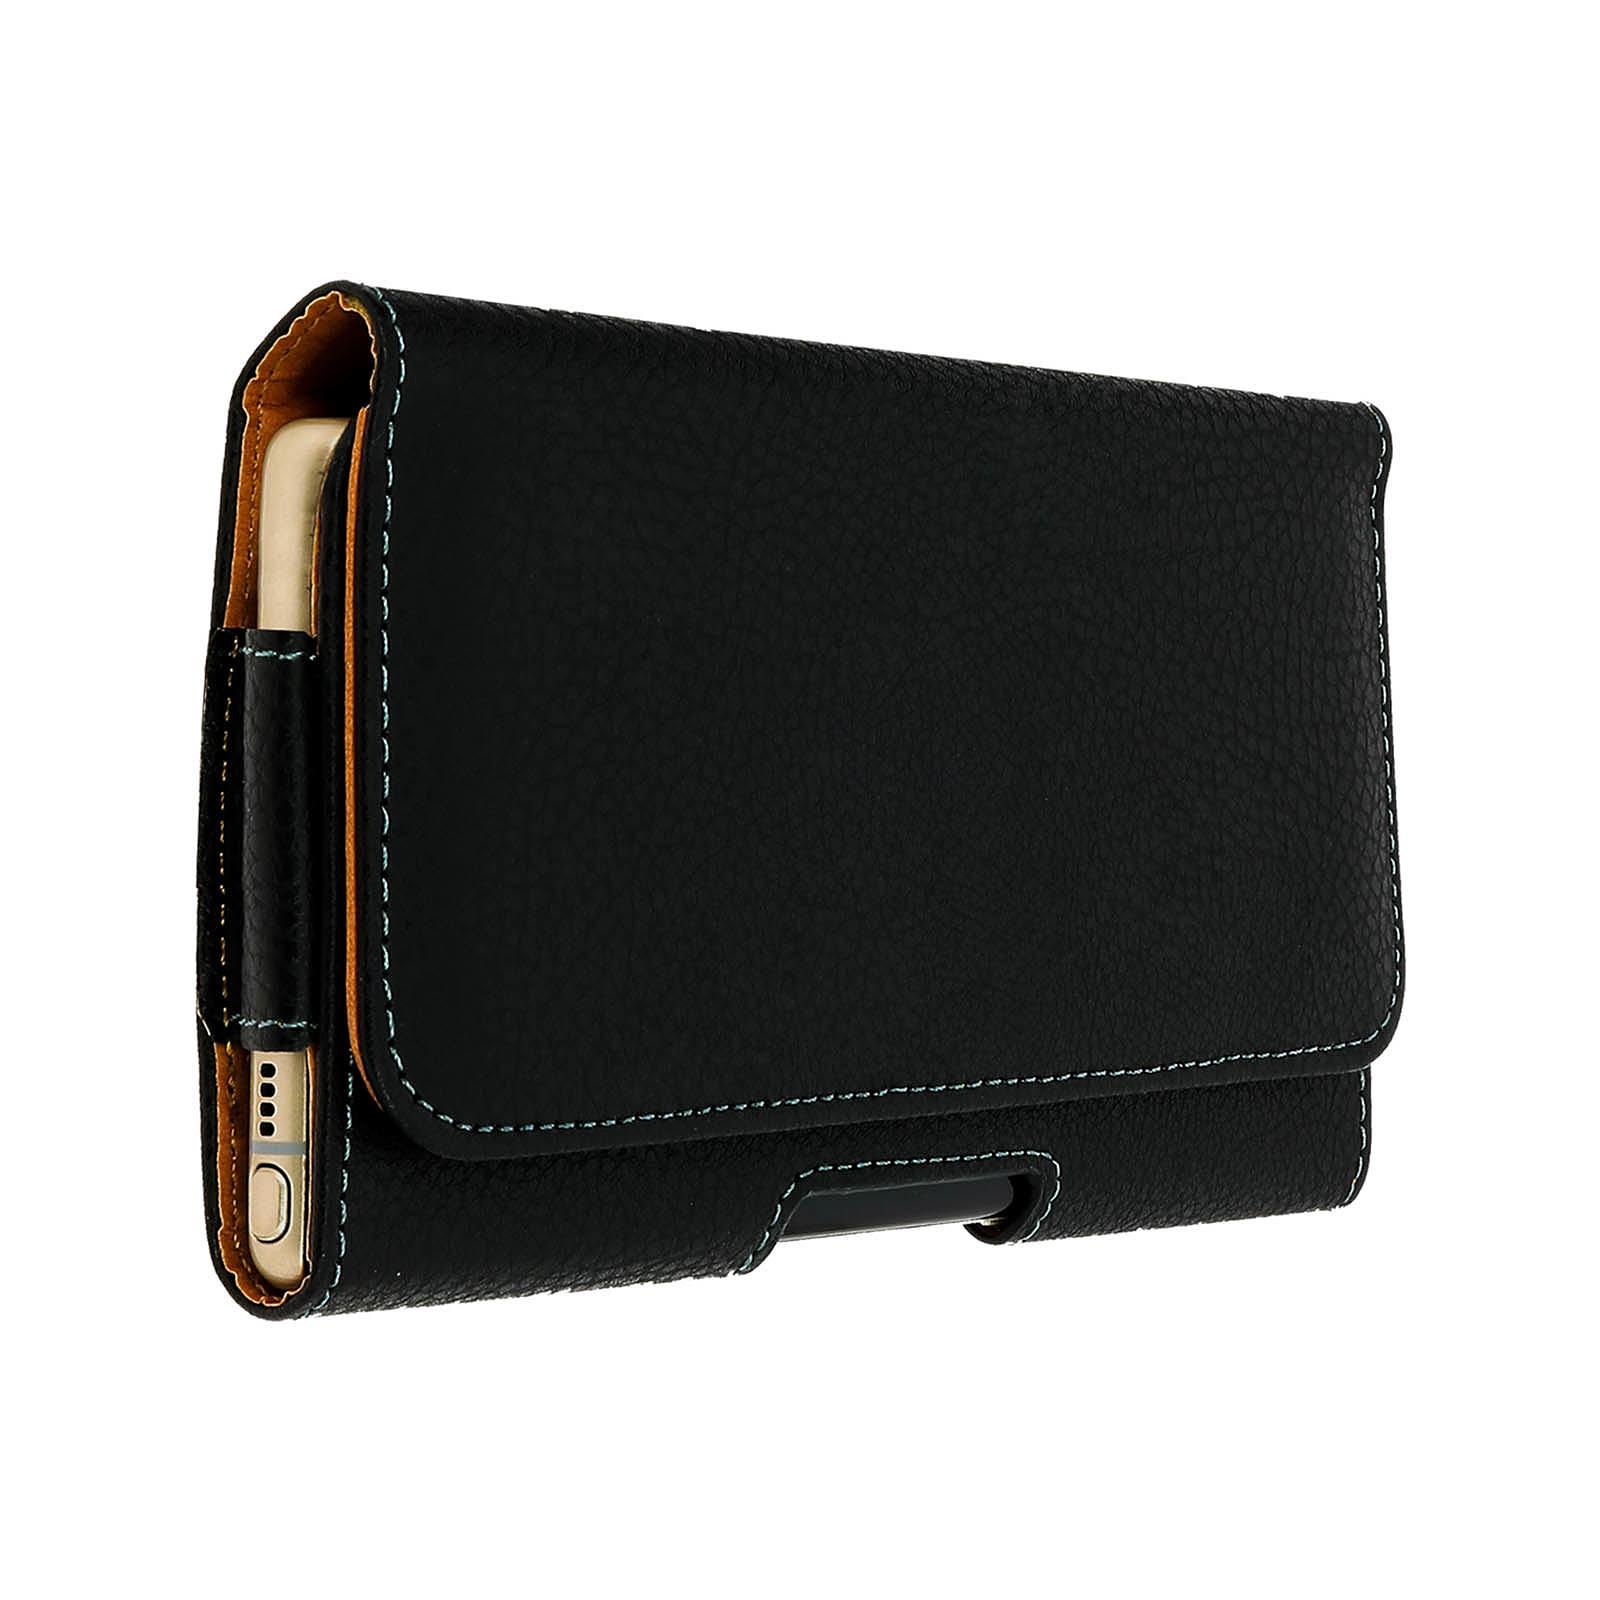 Avizar Etui ceinture Noir pour Smartphones : Longueur entre 172 x 100 x 18 mm